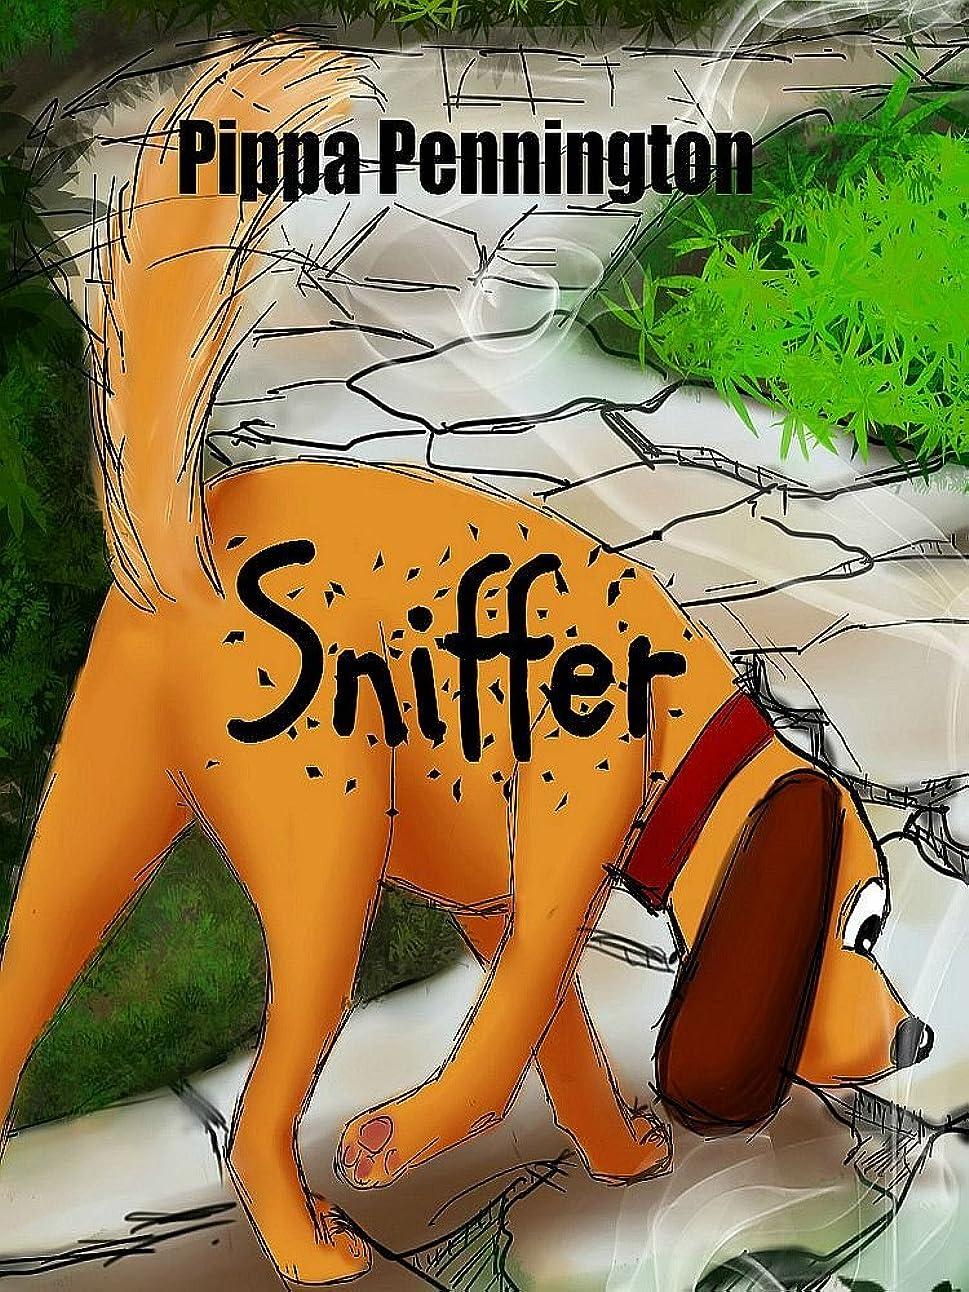 考える夫本土Sniffer: The little dog who loves to sniff: (Children's books ages 2-7, kid's books about pets for beginner readers, picture books, preschool and kindergarten) ... (Sniffer children's books) (English Edition)